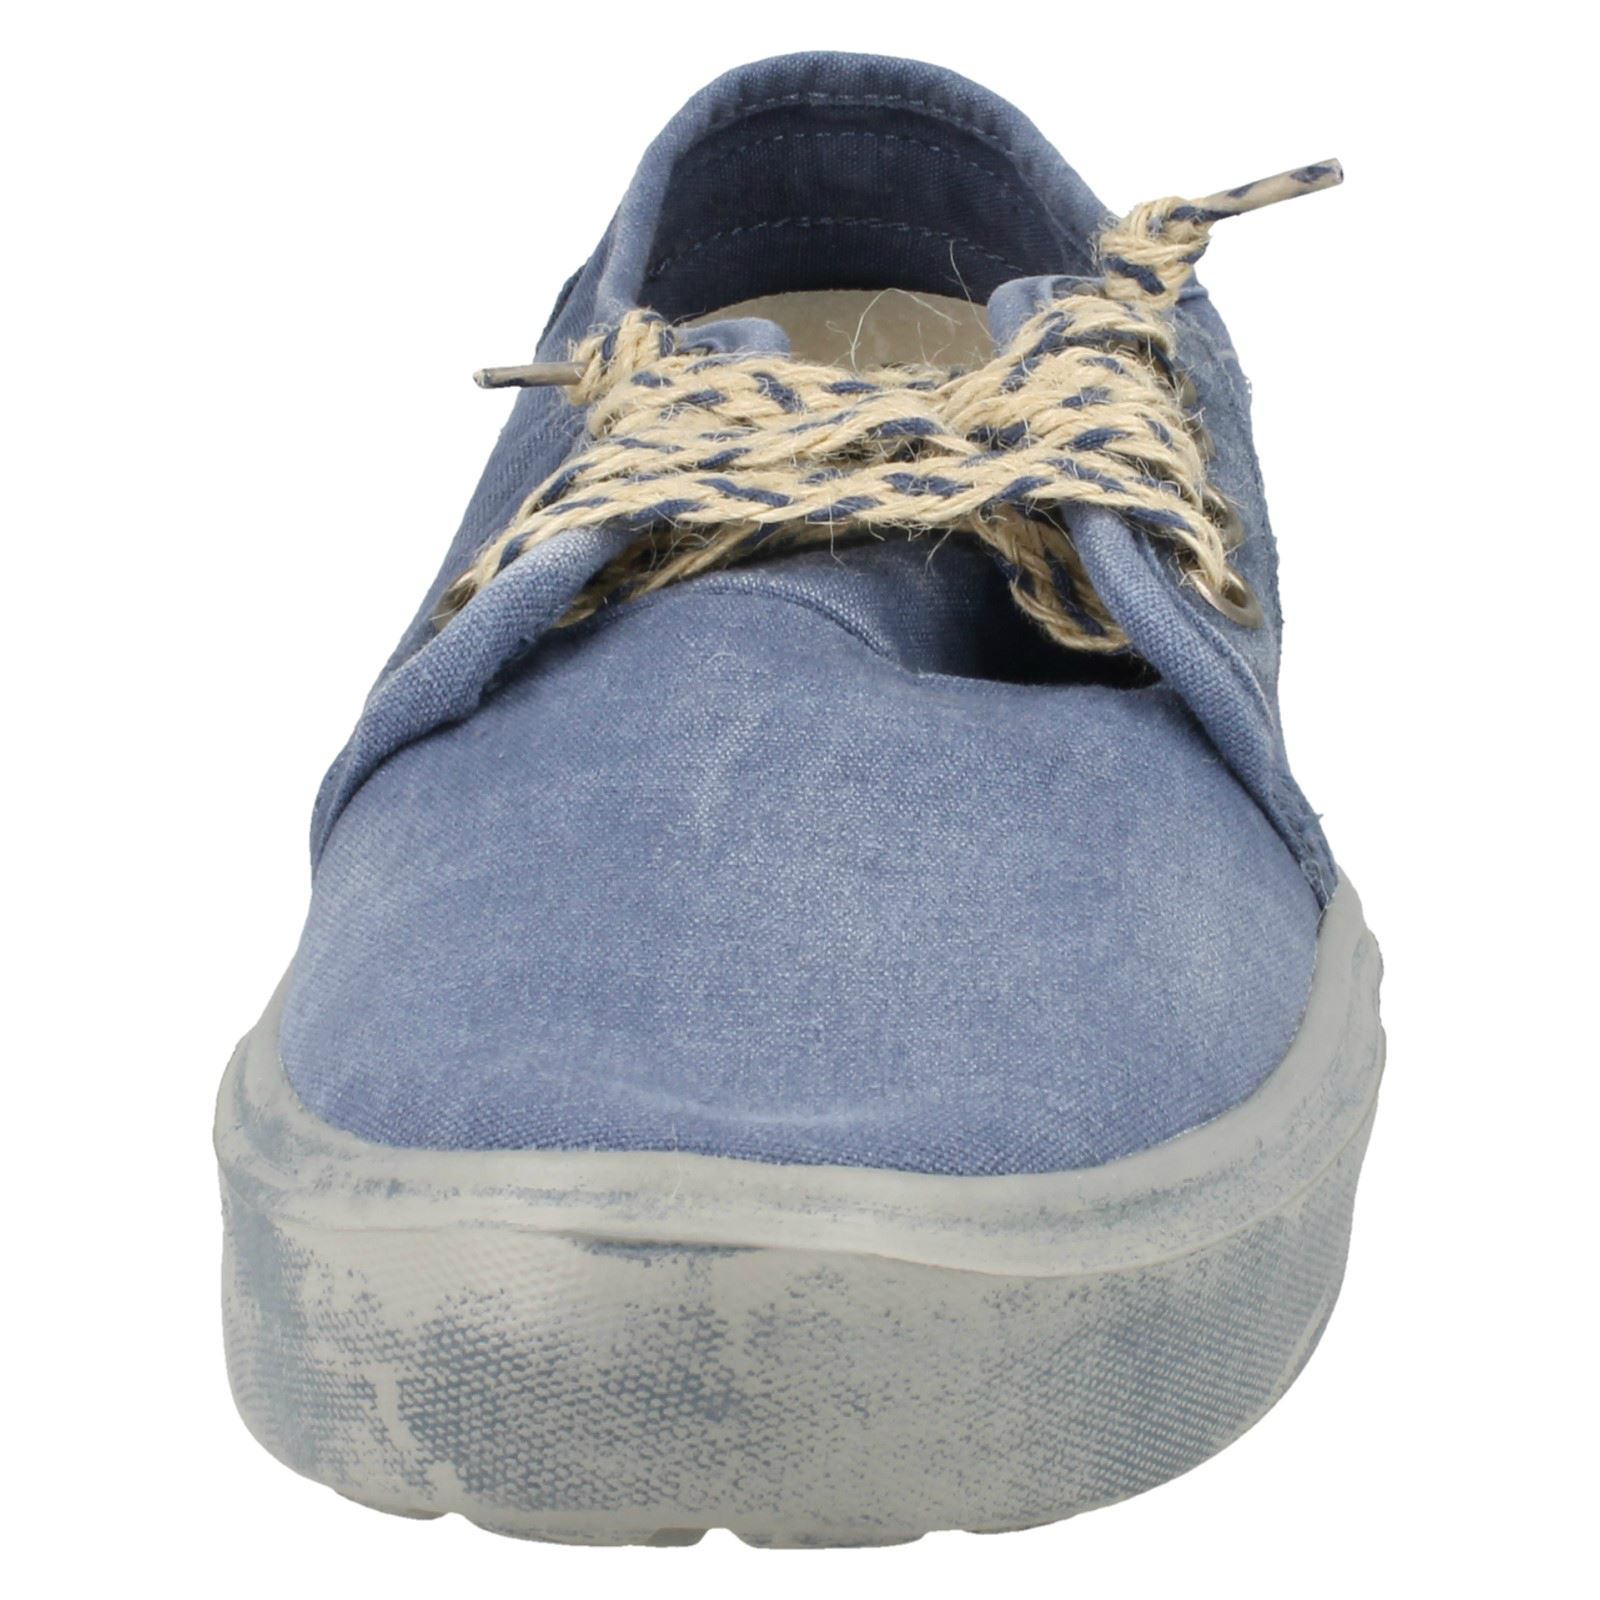 Zapatos Zapatos Zapatos informales para hombres Hey Dude-Buster lavado Descuento por tiempo limitado 00396d